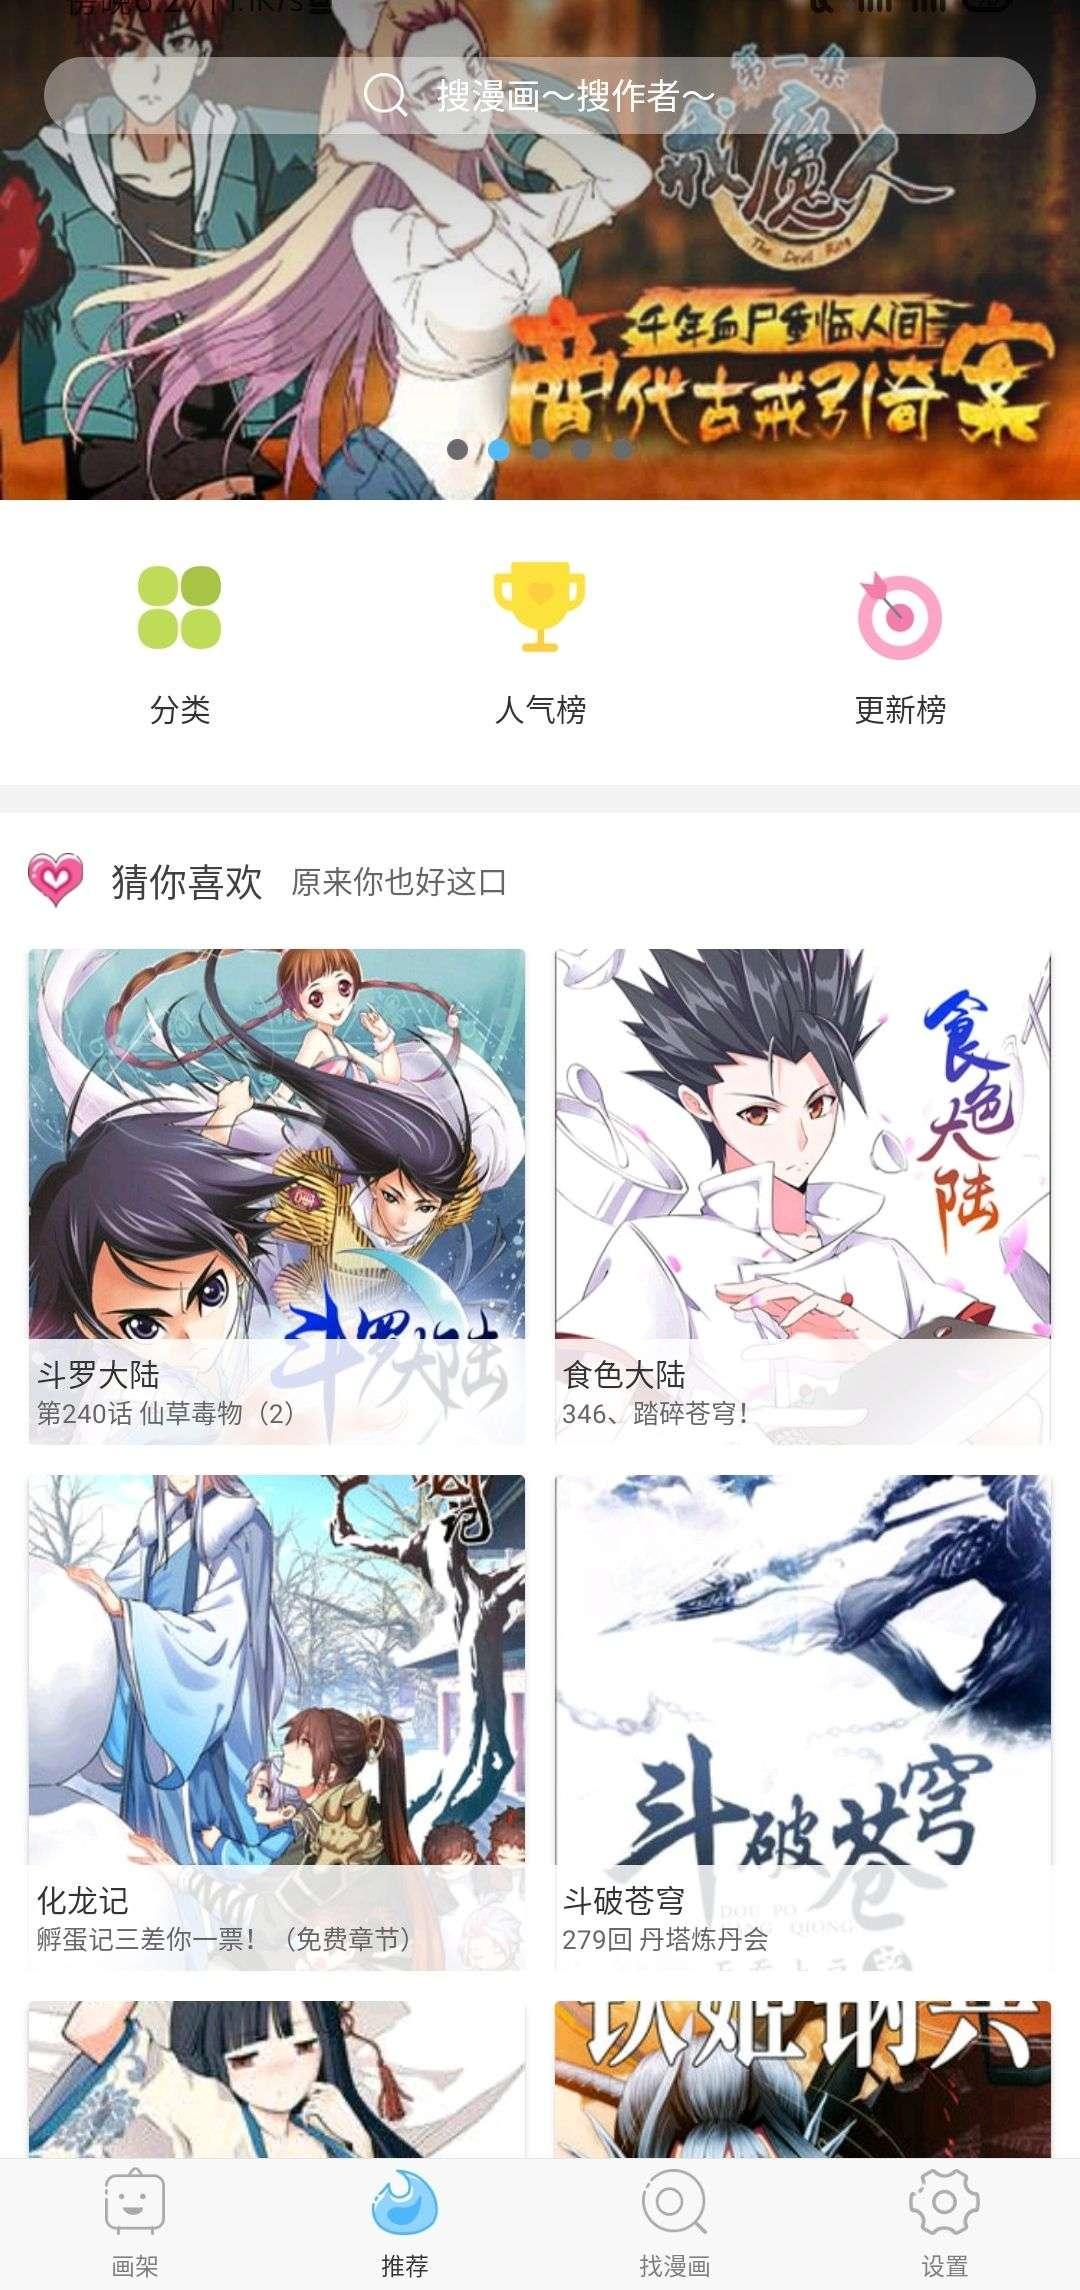 【搬砖】扑飞动漫最新去广告免费版/免费看全网漫画/VIP版本-爱小助